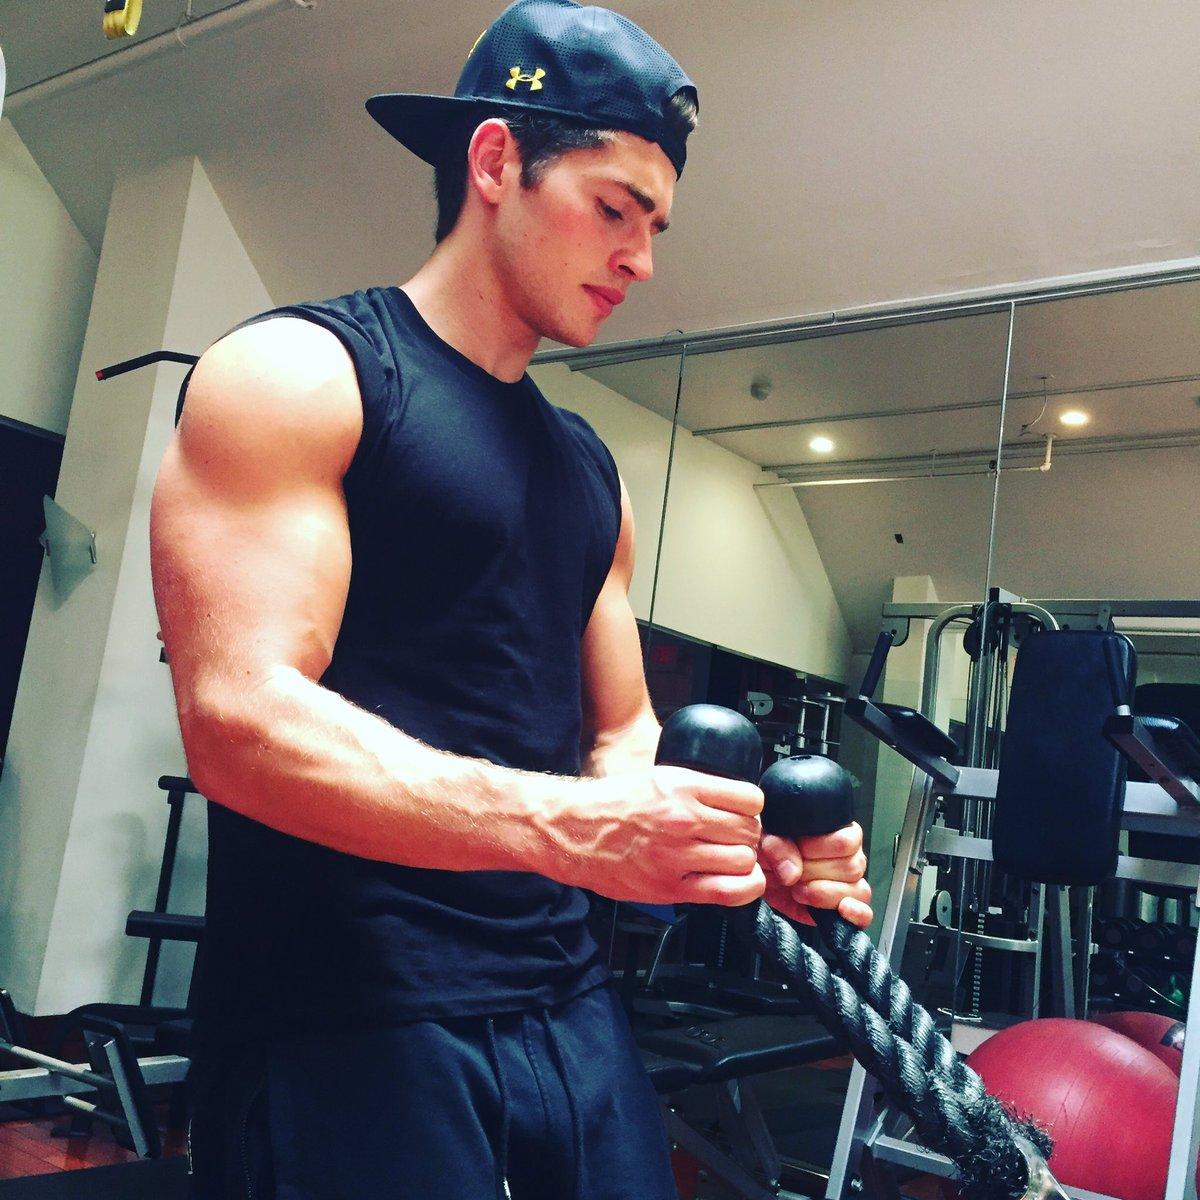 Gregg sulkin muscles